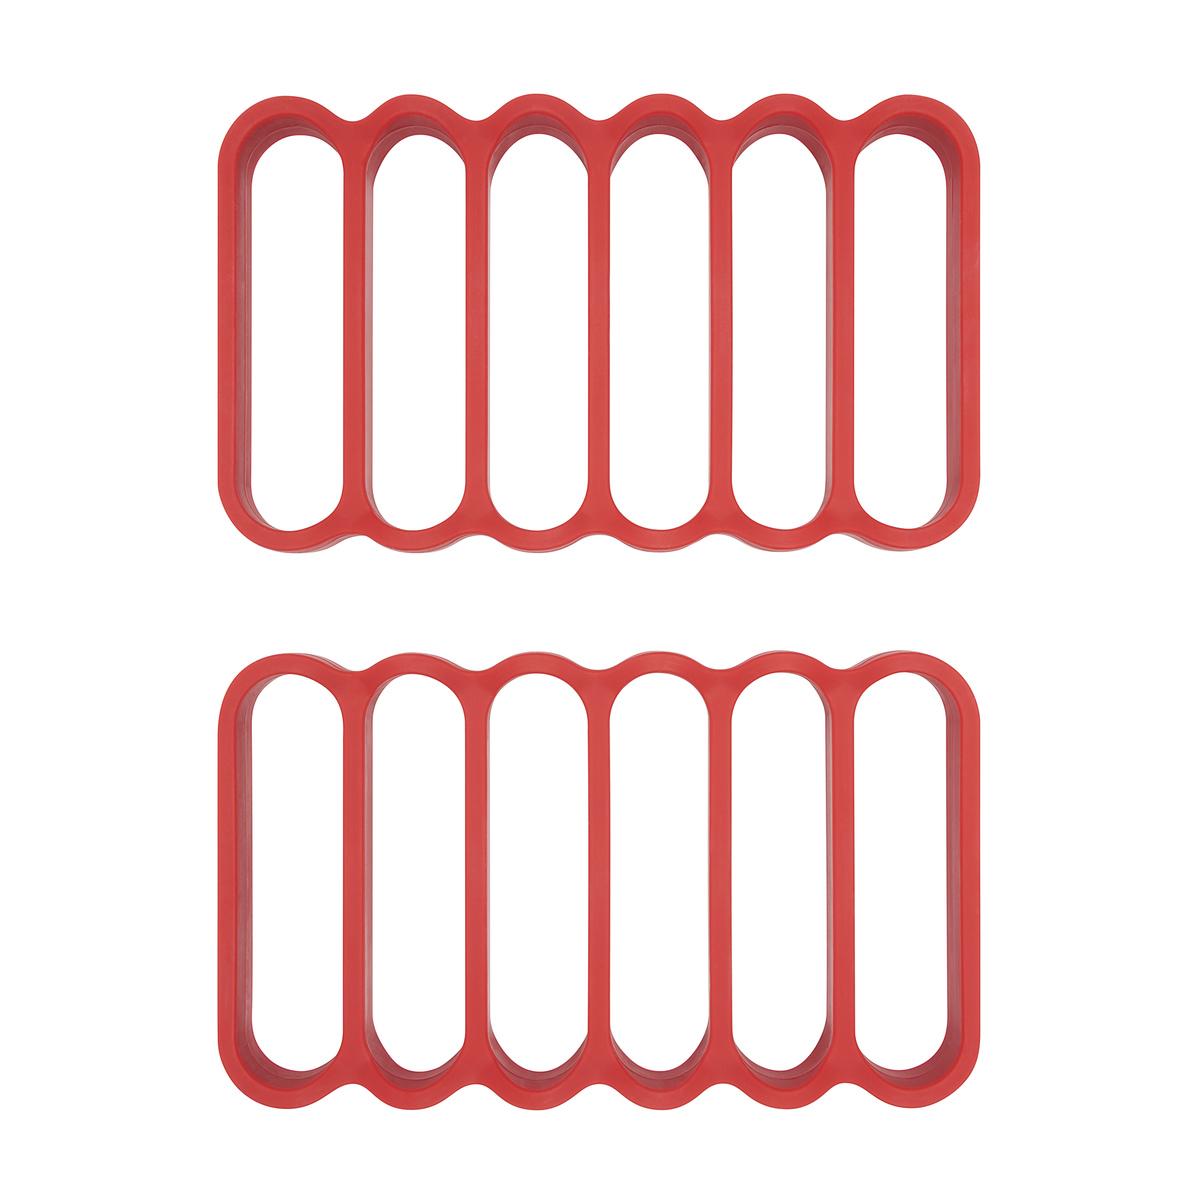 Онлайн каталог PROMENU: Жаровни силиконовые OXO COOKING UTENSILS, красный, 2 штуки                                   11210100